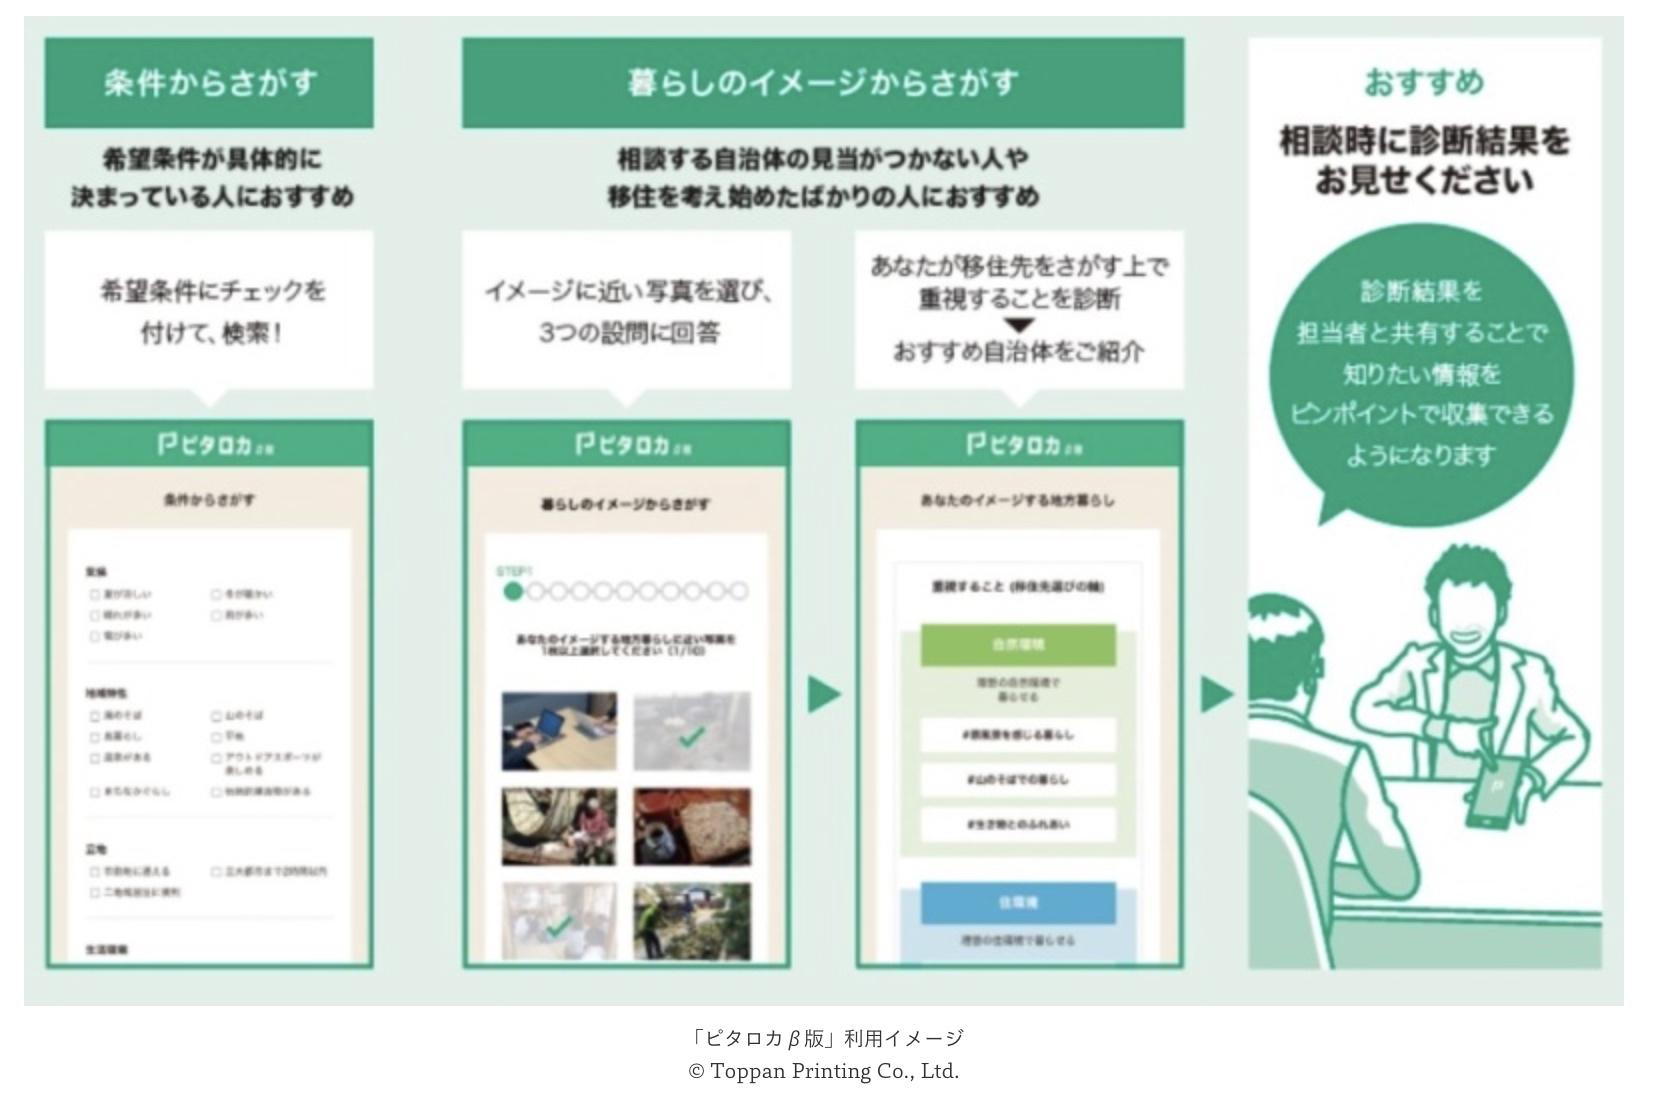 凸版印刷×ふるさと回帰支援センター | 自治体と移住希望者のマッチングをWebで支援